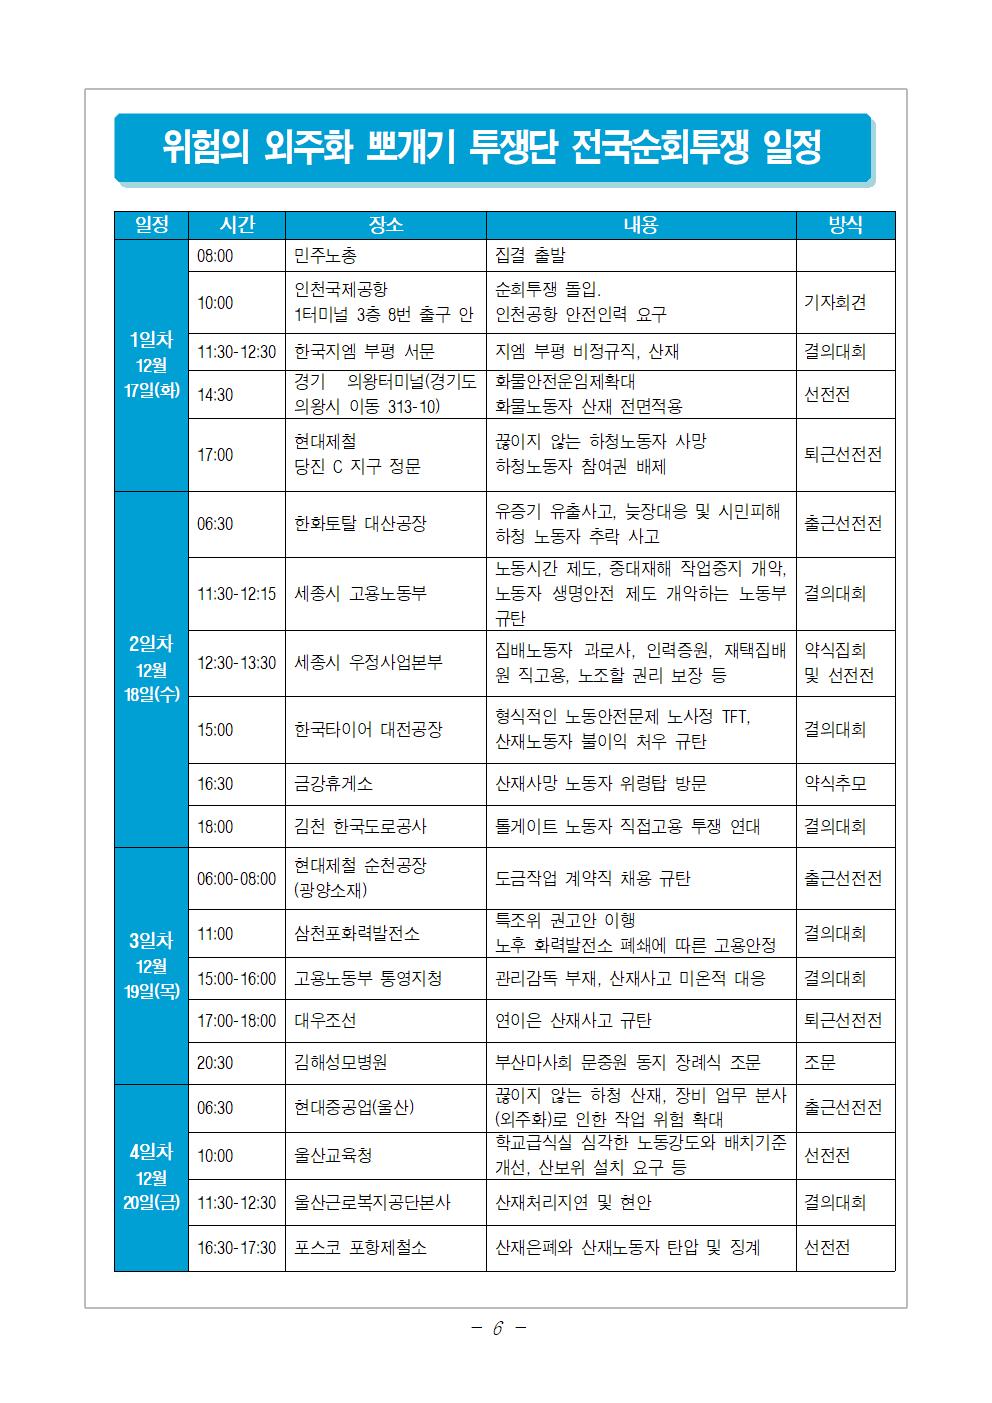 2019_노안순회투쟁교육지_1217006.png